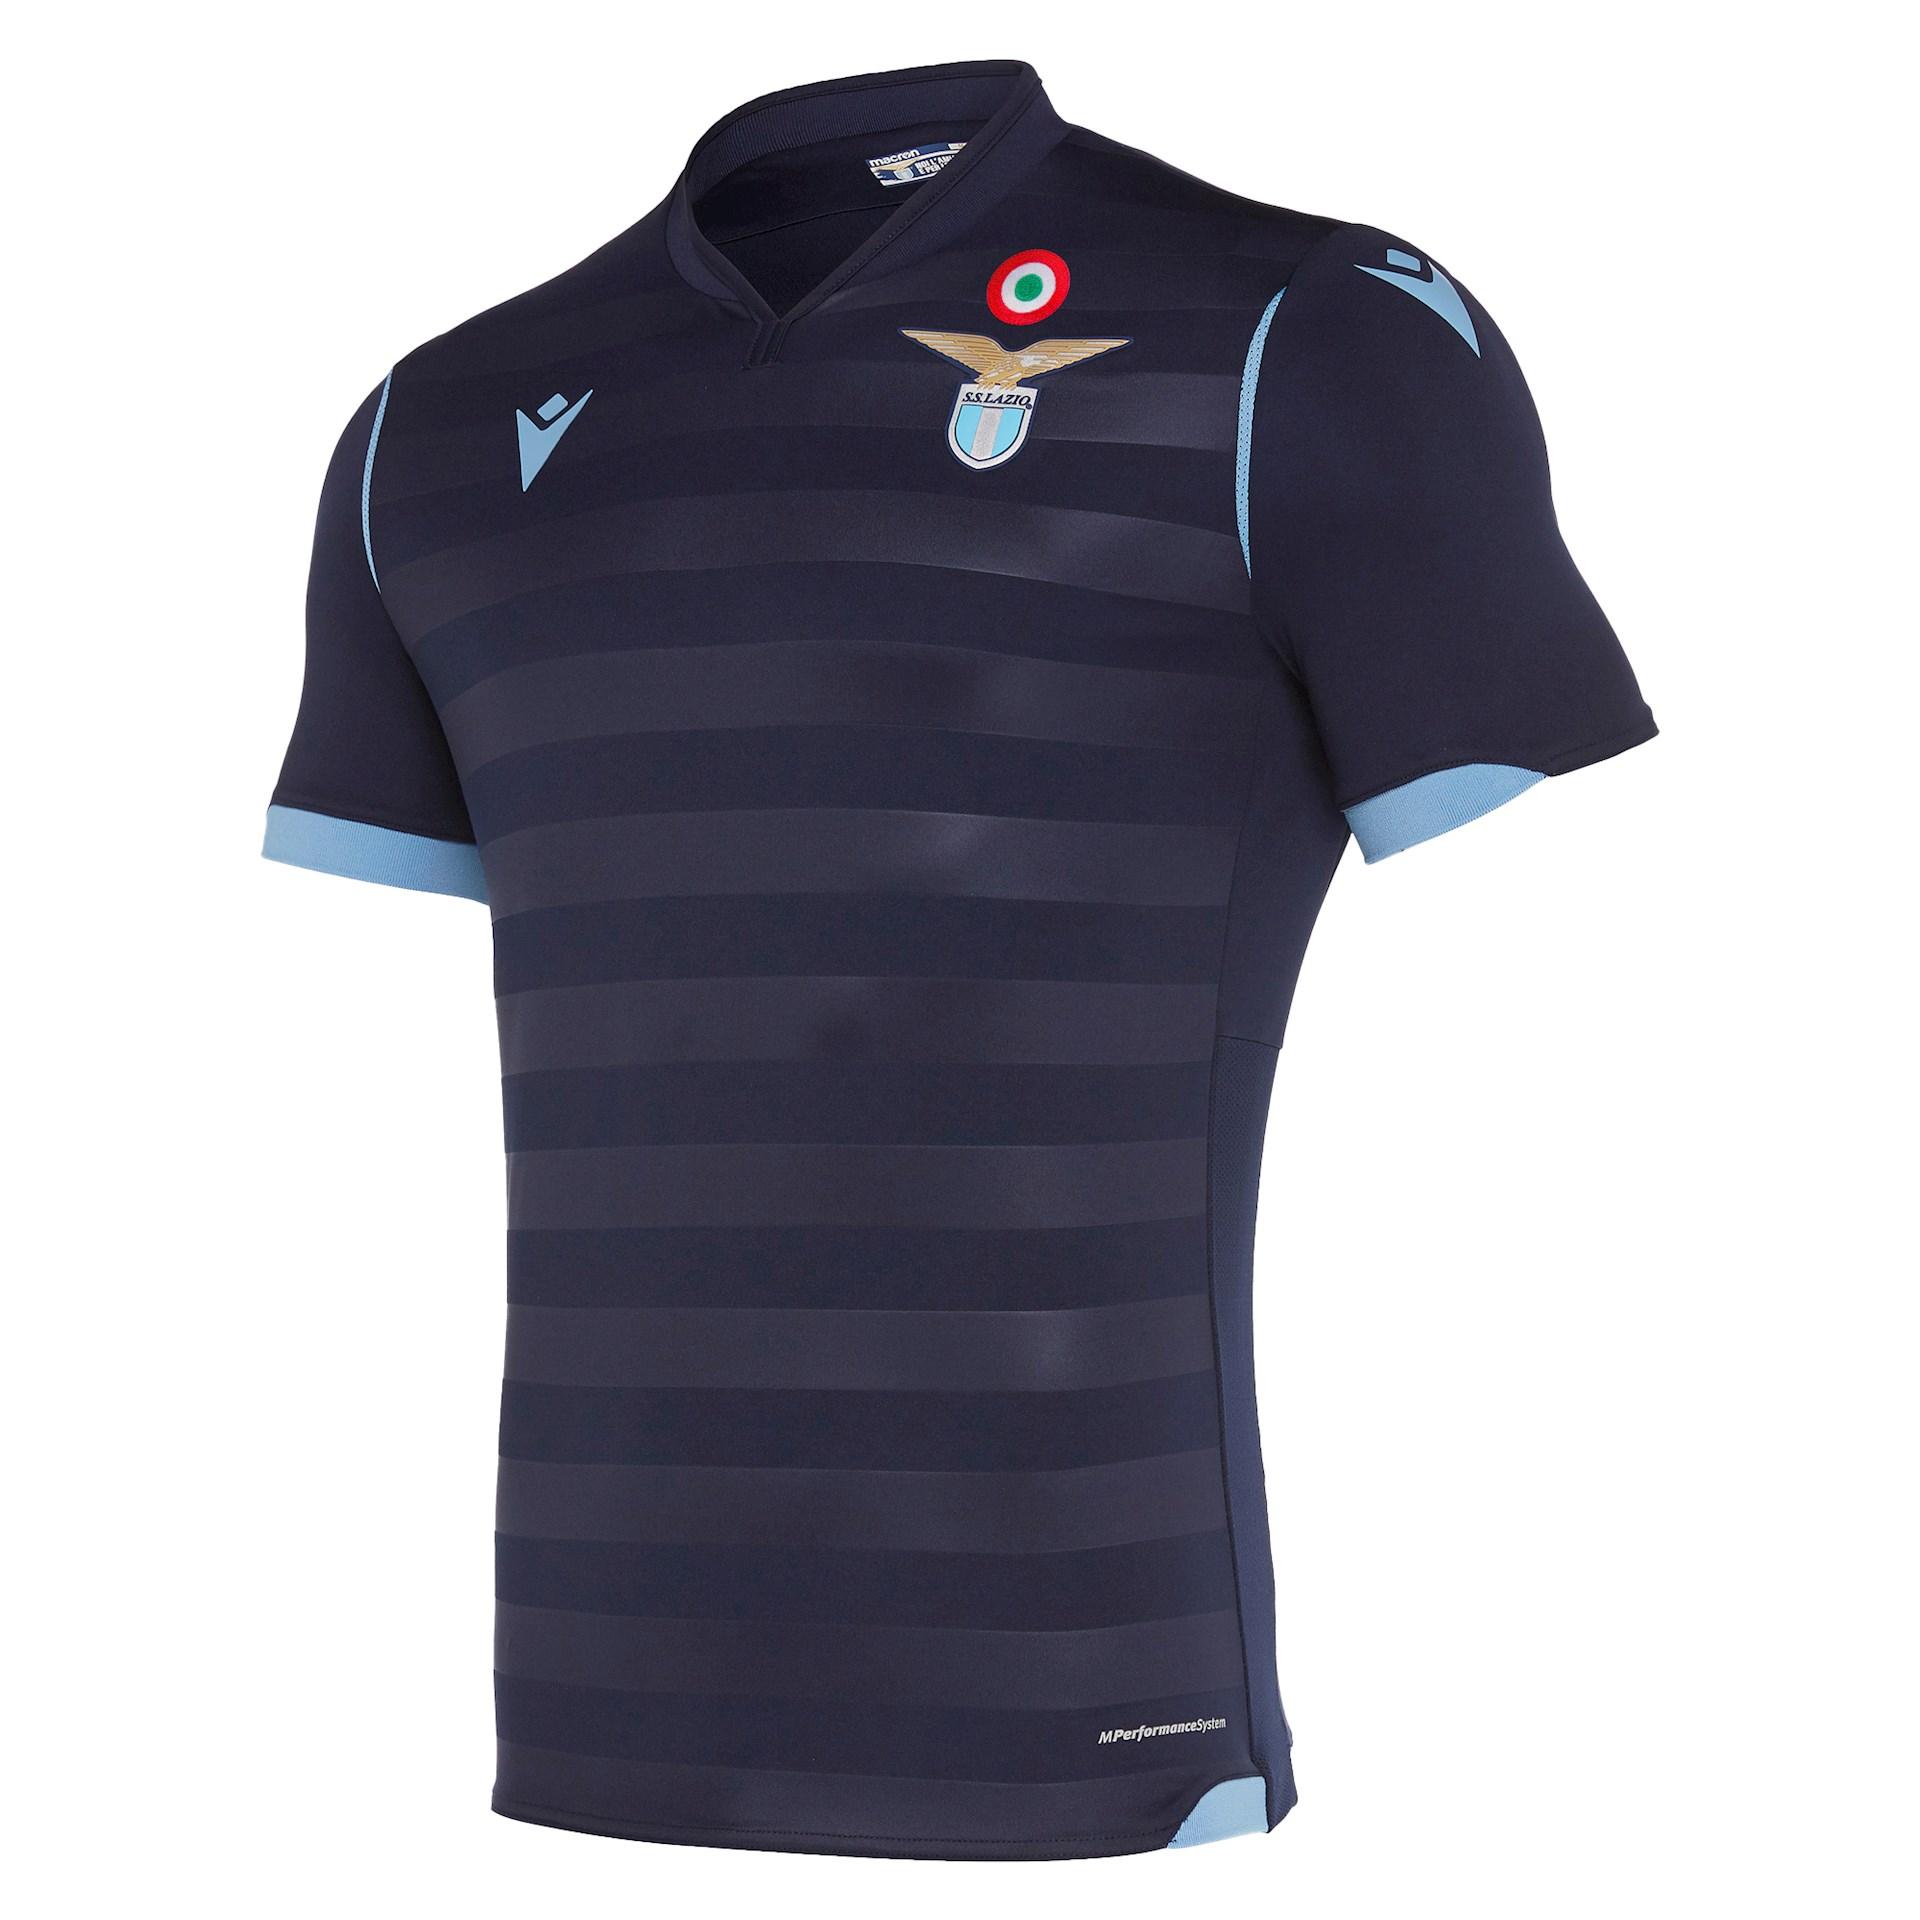 Lazio Rome 3e maillot 2019-2020 - Maillots-Football.com